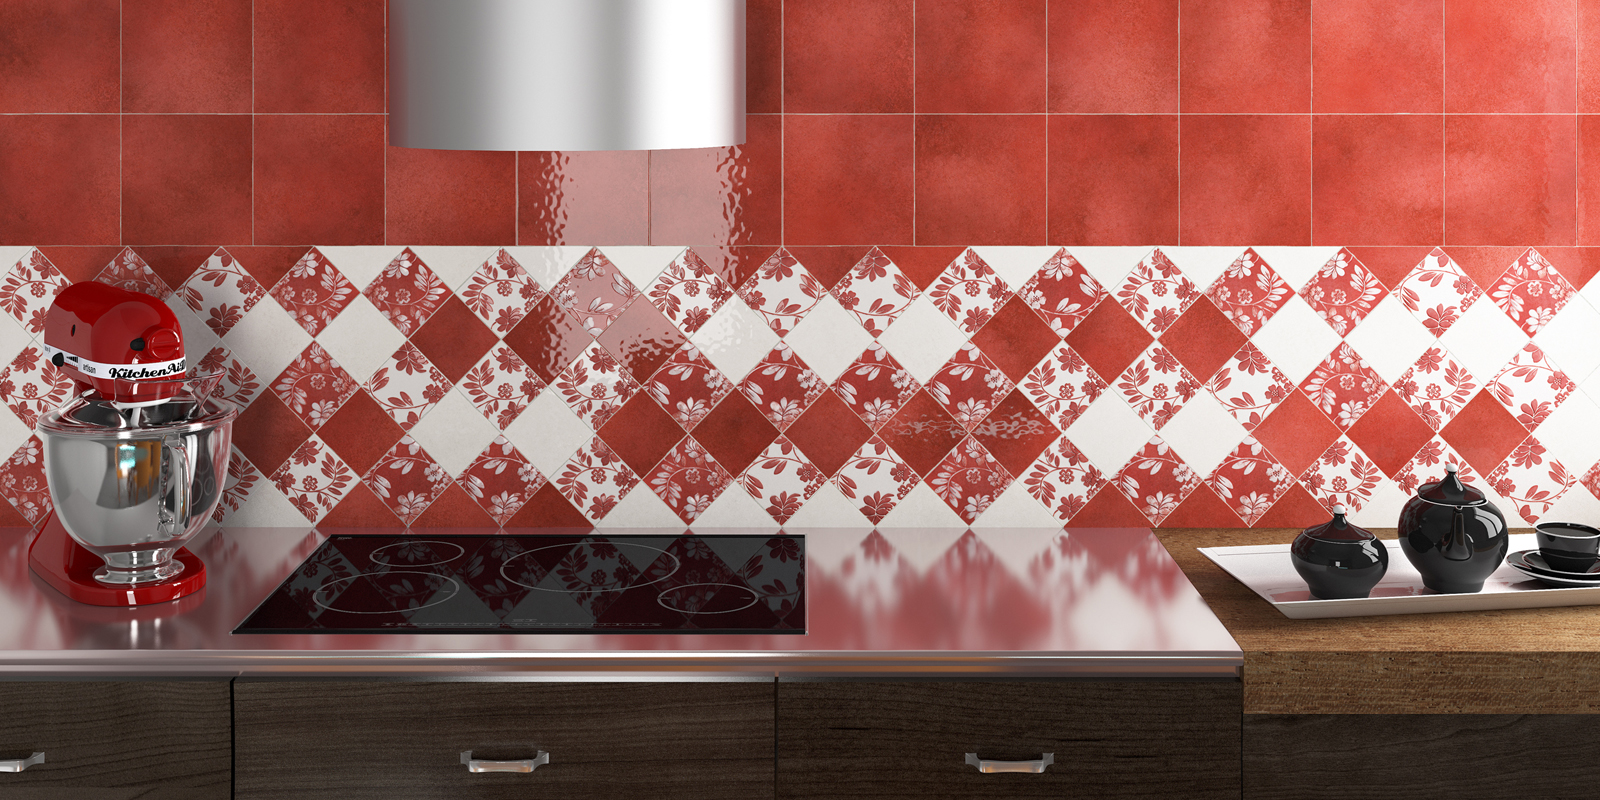 Ceramica un materiale ancora in grado di stupire thesignofcolor - Piastrelle cucina rosse ...